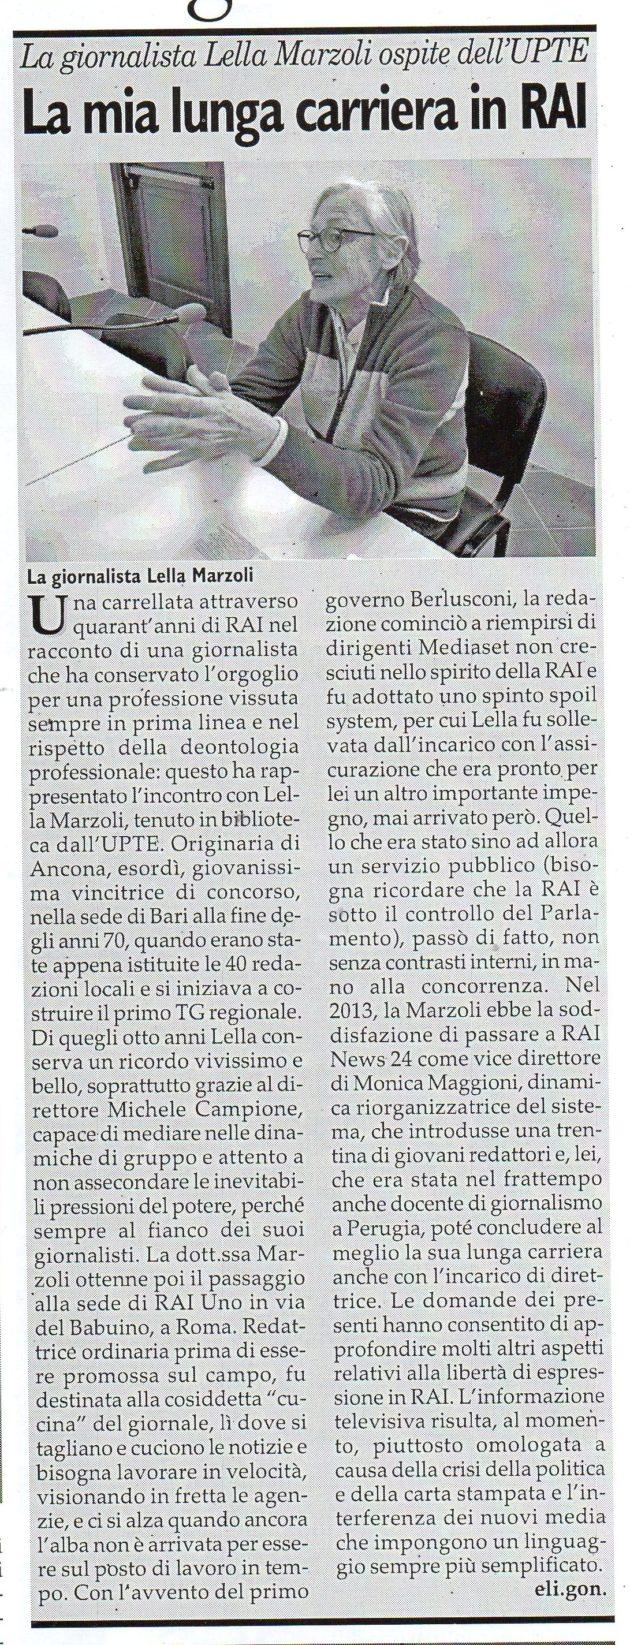 Dott.ssa Marzoli su Fax dell'8 febbraio 2020